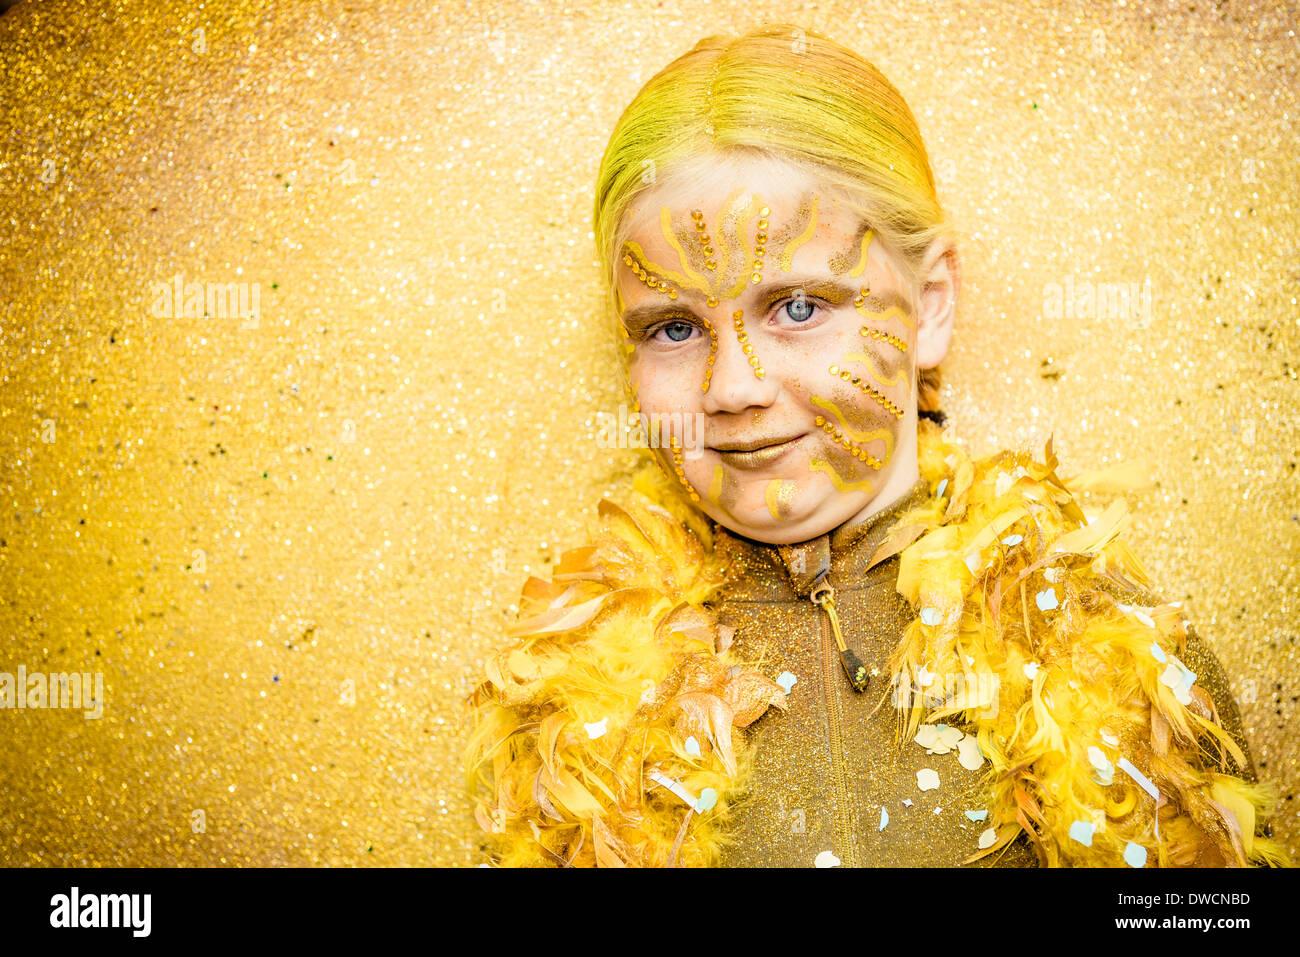 Sitges, Spagna. 4 marzo 2014: una ragazza in un costume di fantasia danze durante il i bambini sfilata di carnevale Foto Stock